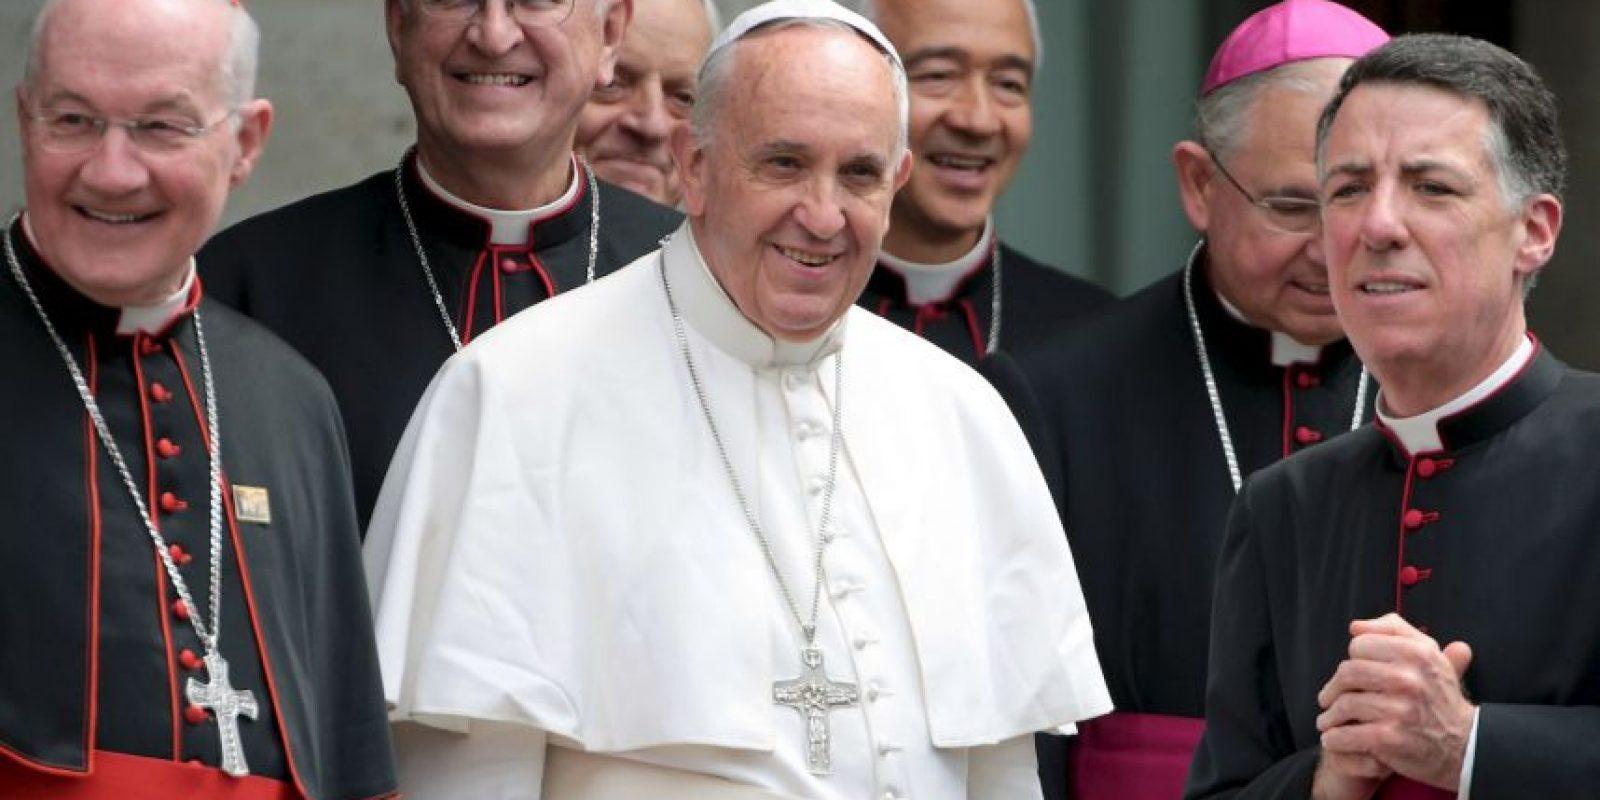 El pontífice reveló detalles desconocidos de su vida diaria. Foto:Getty Images